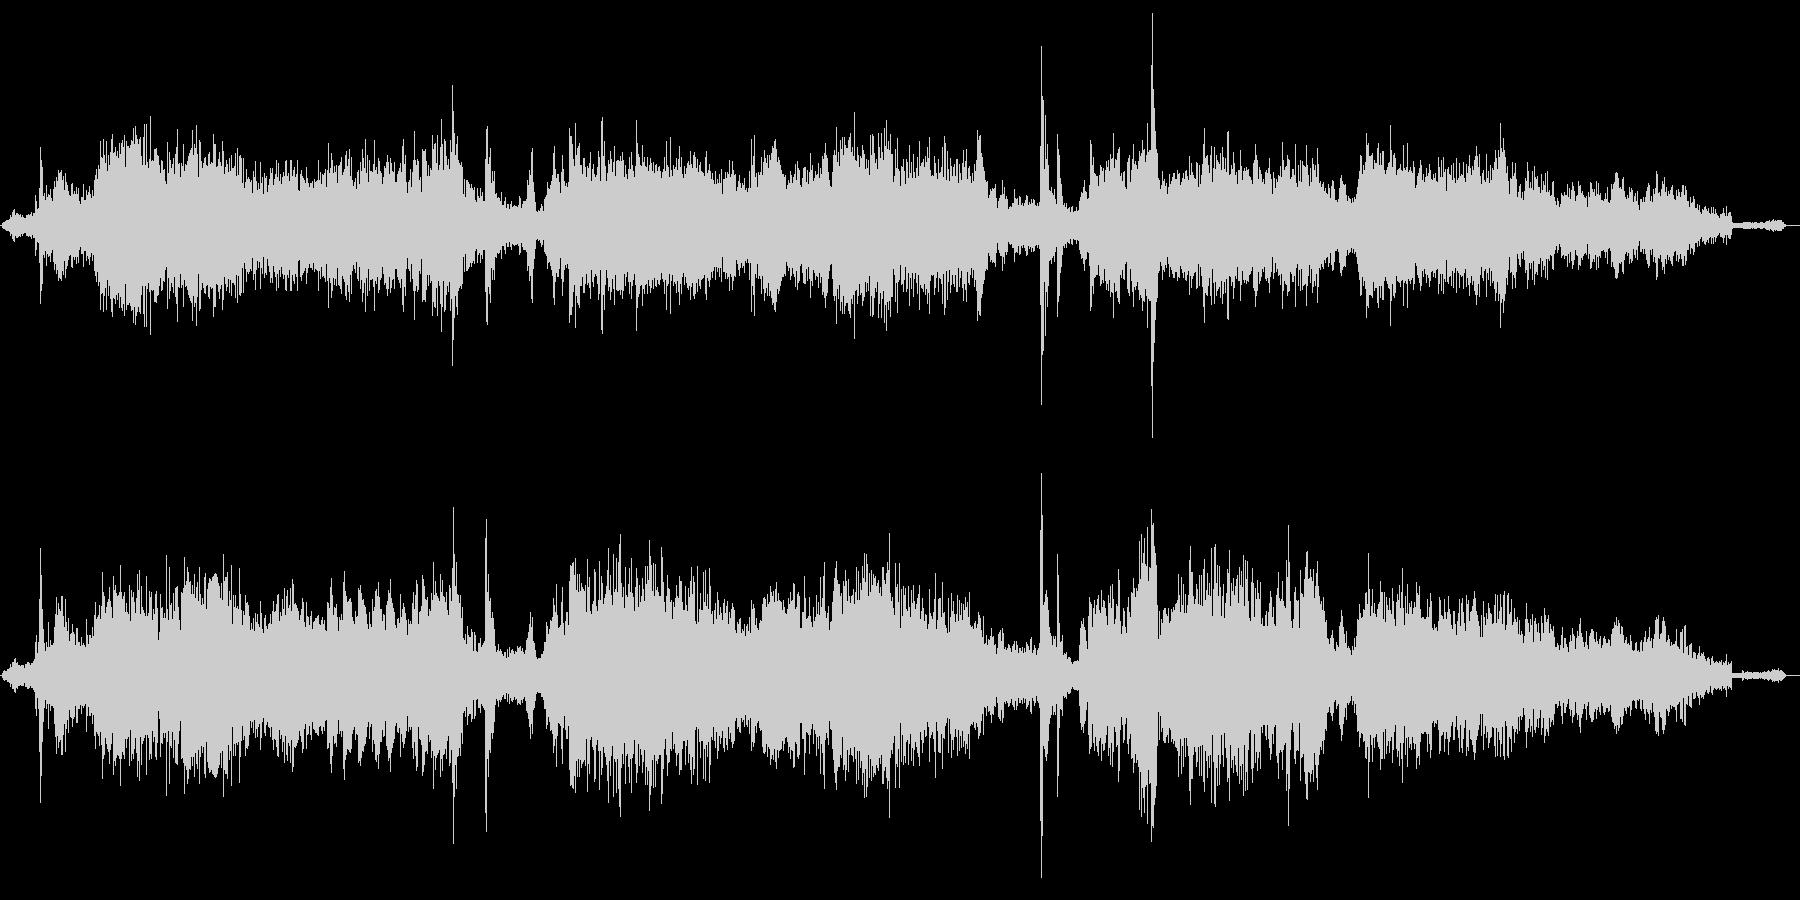 規則的な金属ノイズ音の未再生の波形